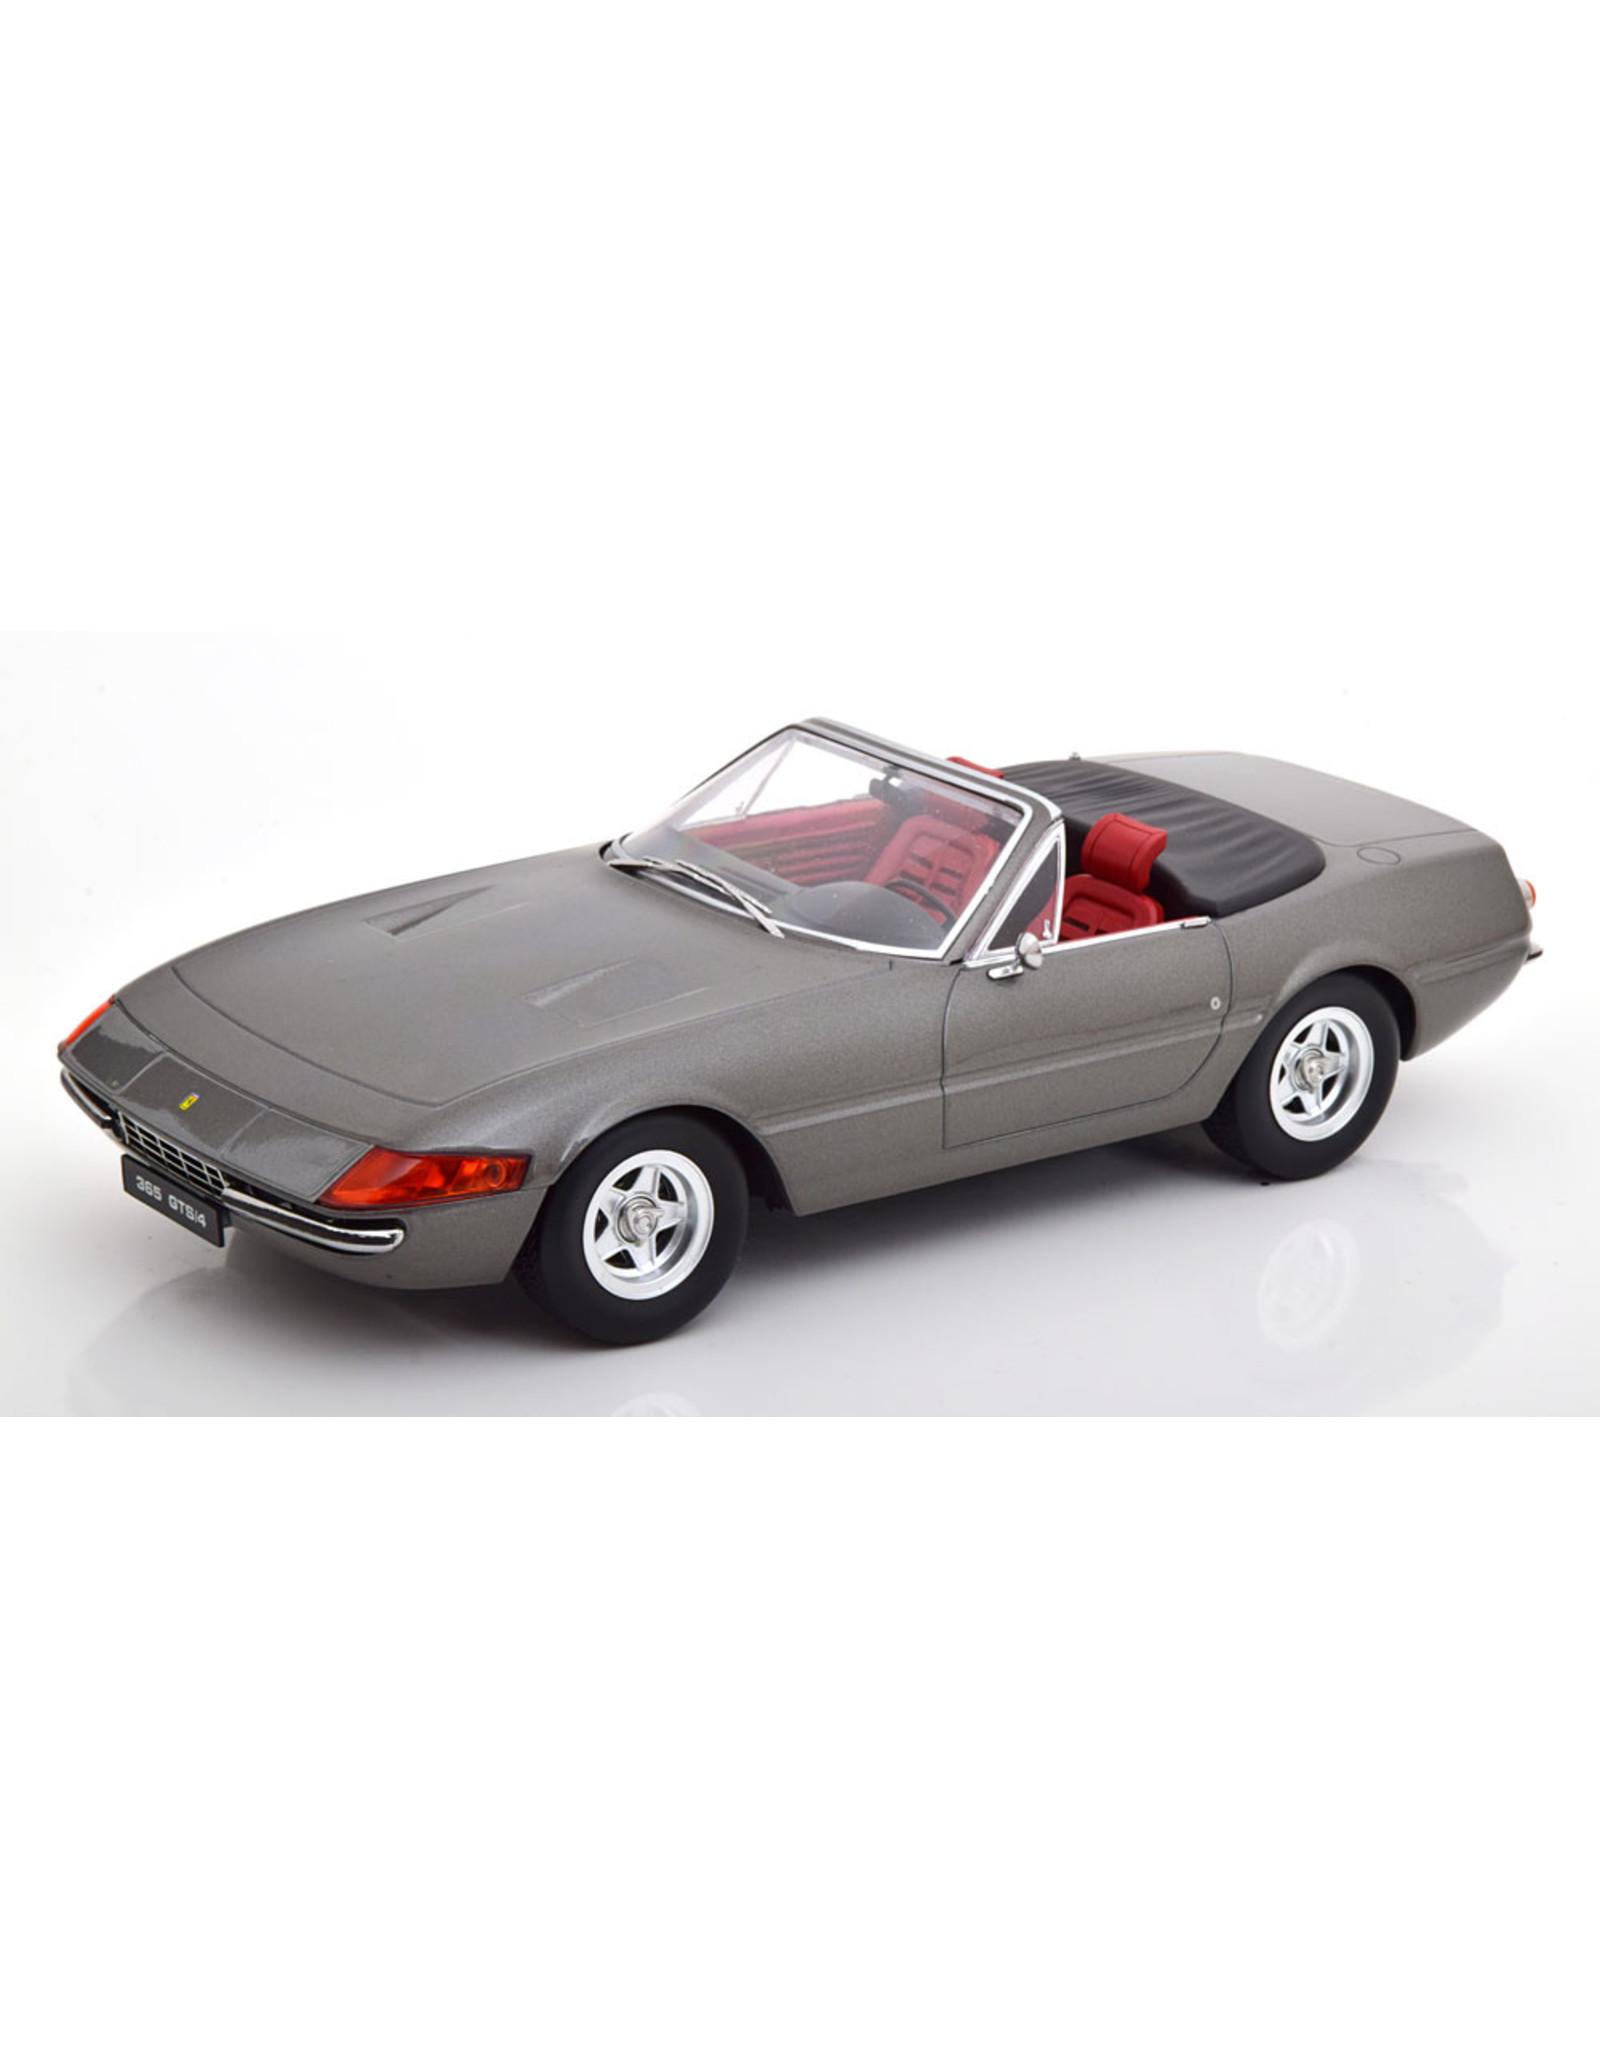 Ferrari Ferrari 365 GTS/4 1971 - 1:18 - KK Scale